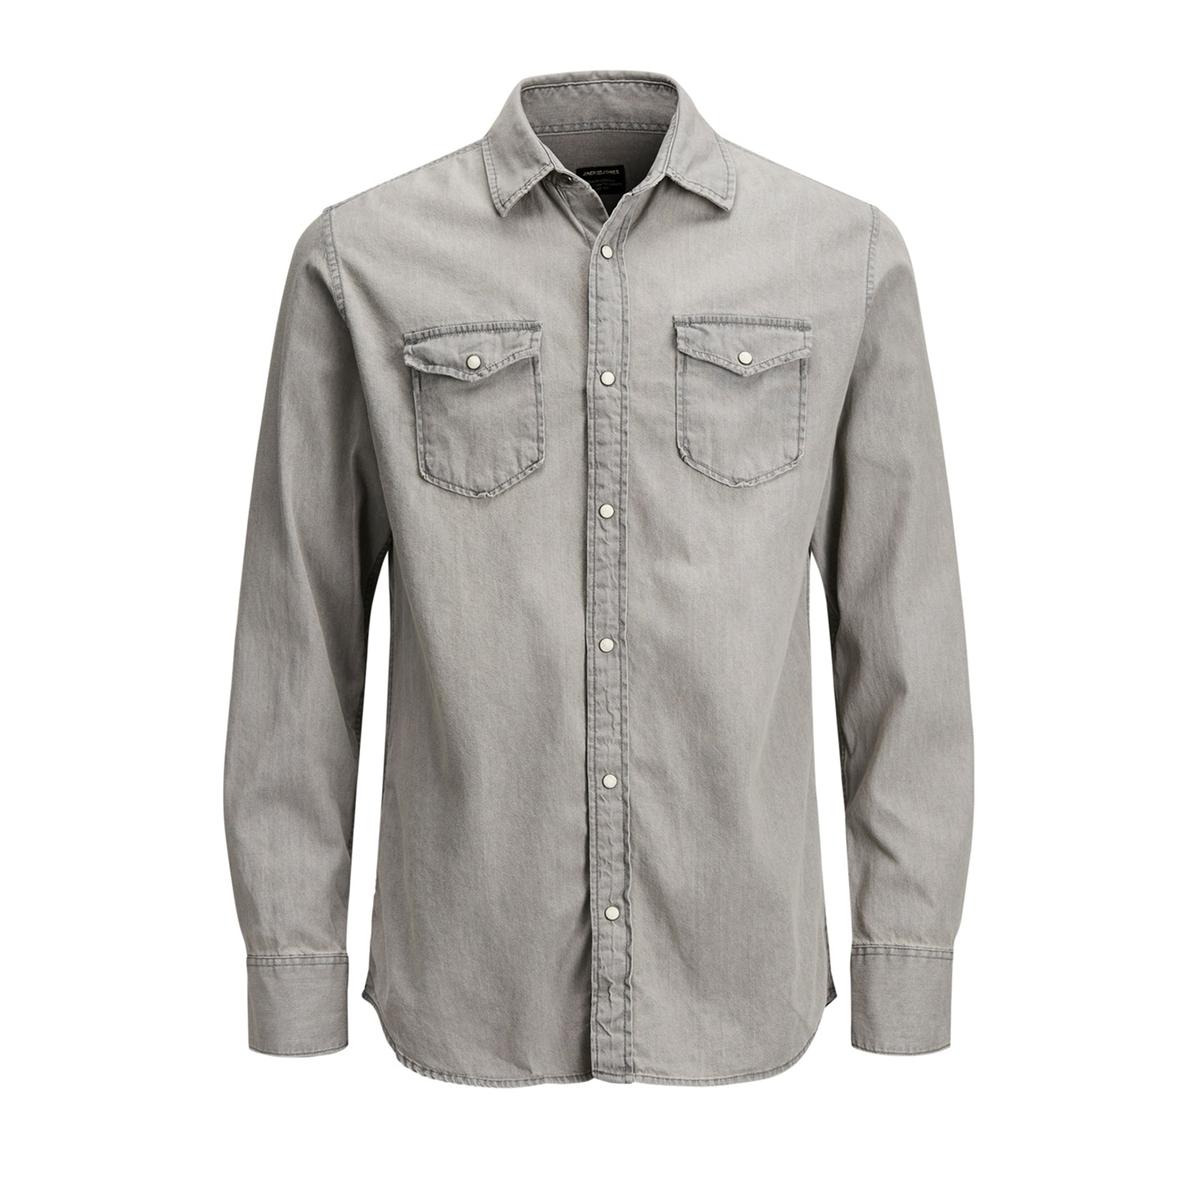 Рубашка La Redoute Джинсовая узкая Jjesheridan L серый рубашка la redoute джинсовая узкая jjesheridan s синий